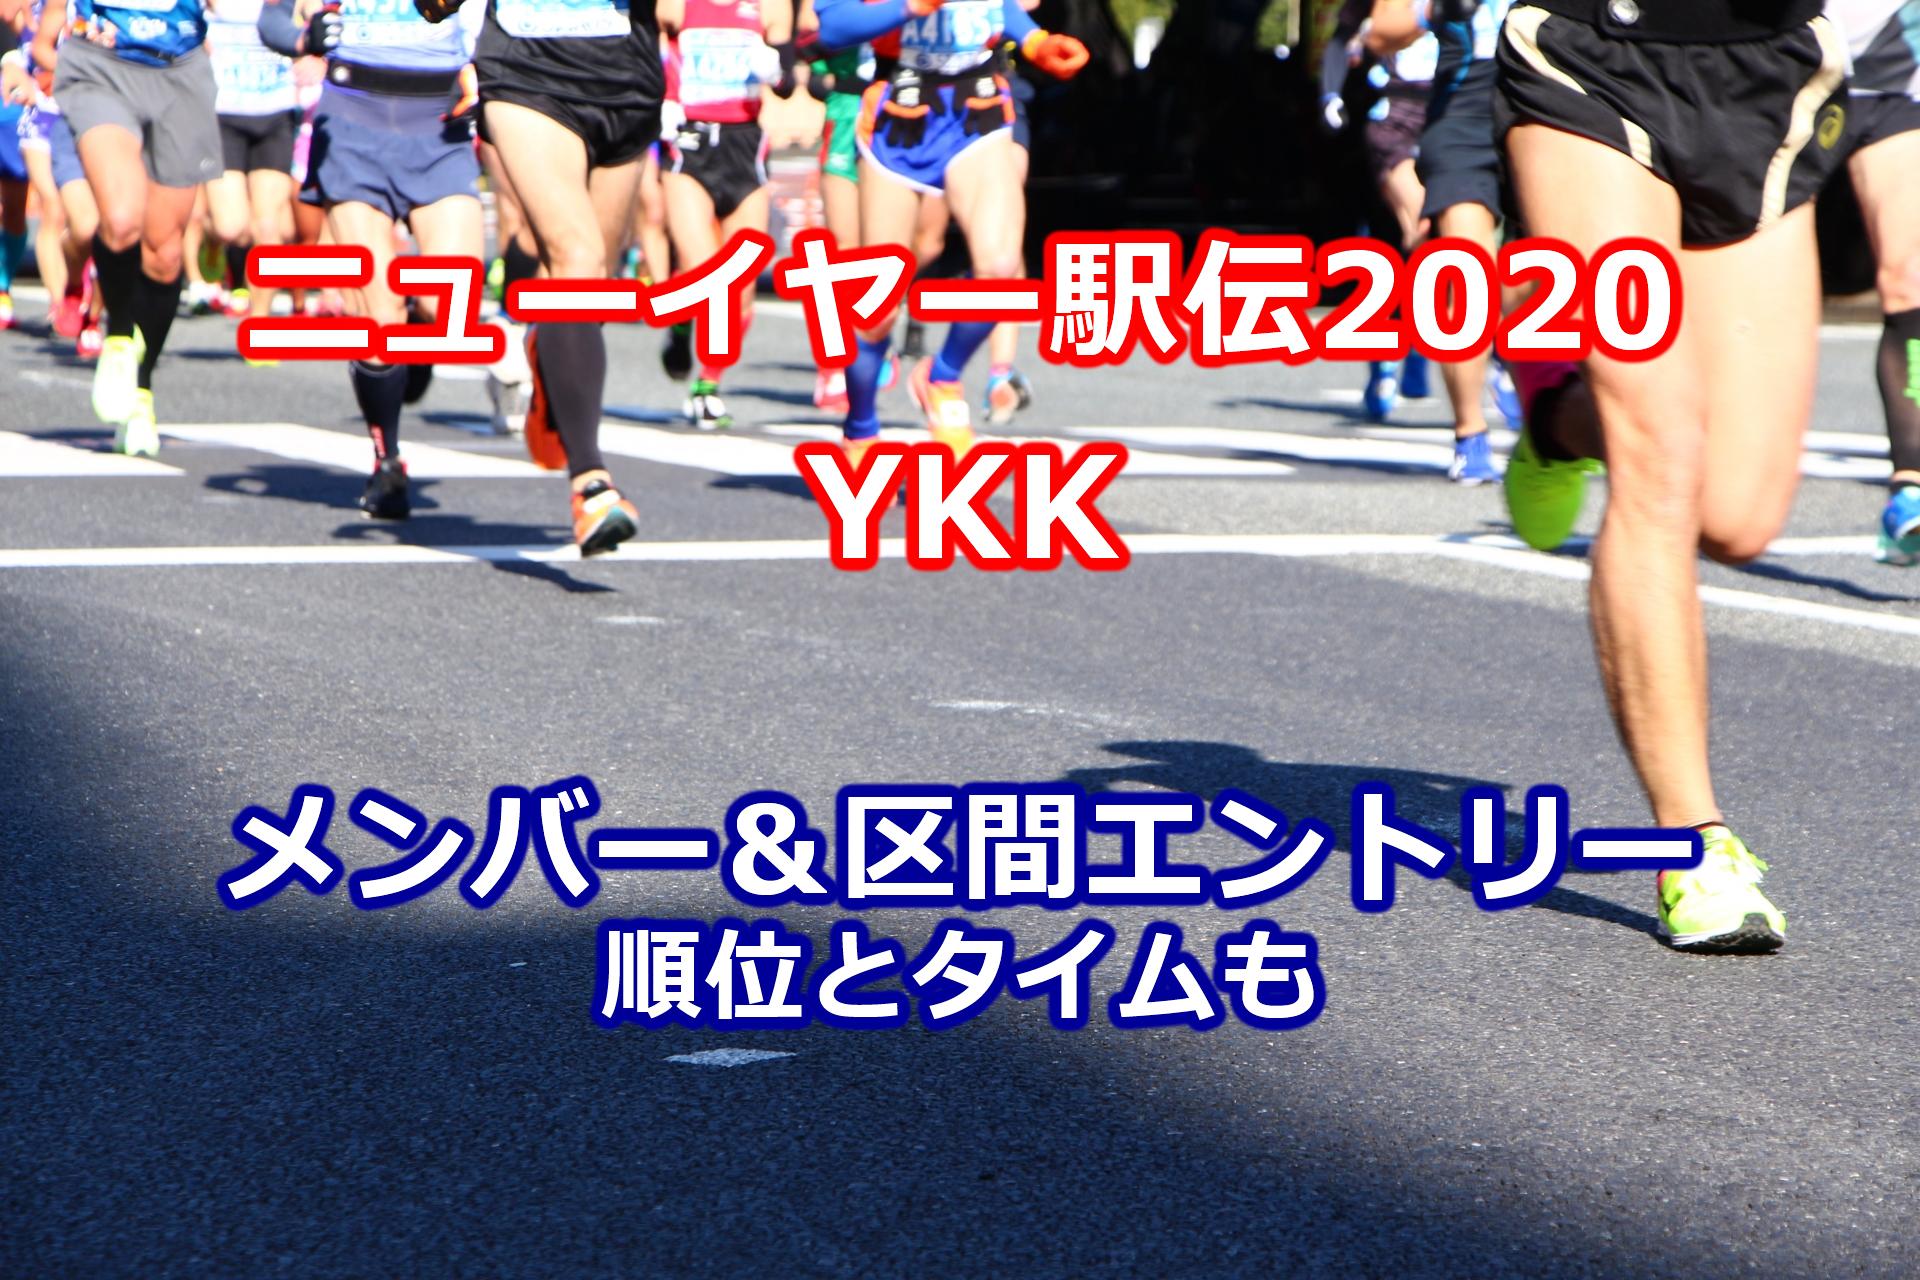 ニューイヤー駅伝YKKメンバー・区間エントリー・結果・順位・タイムまとめ